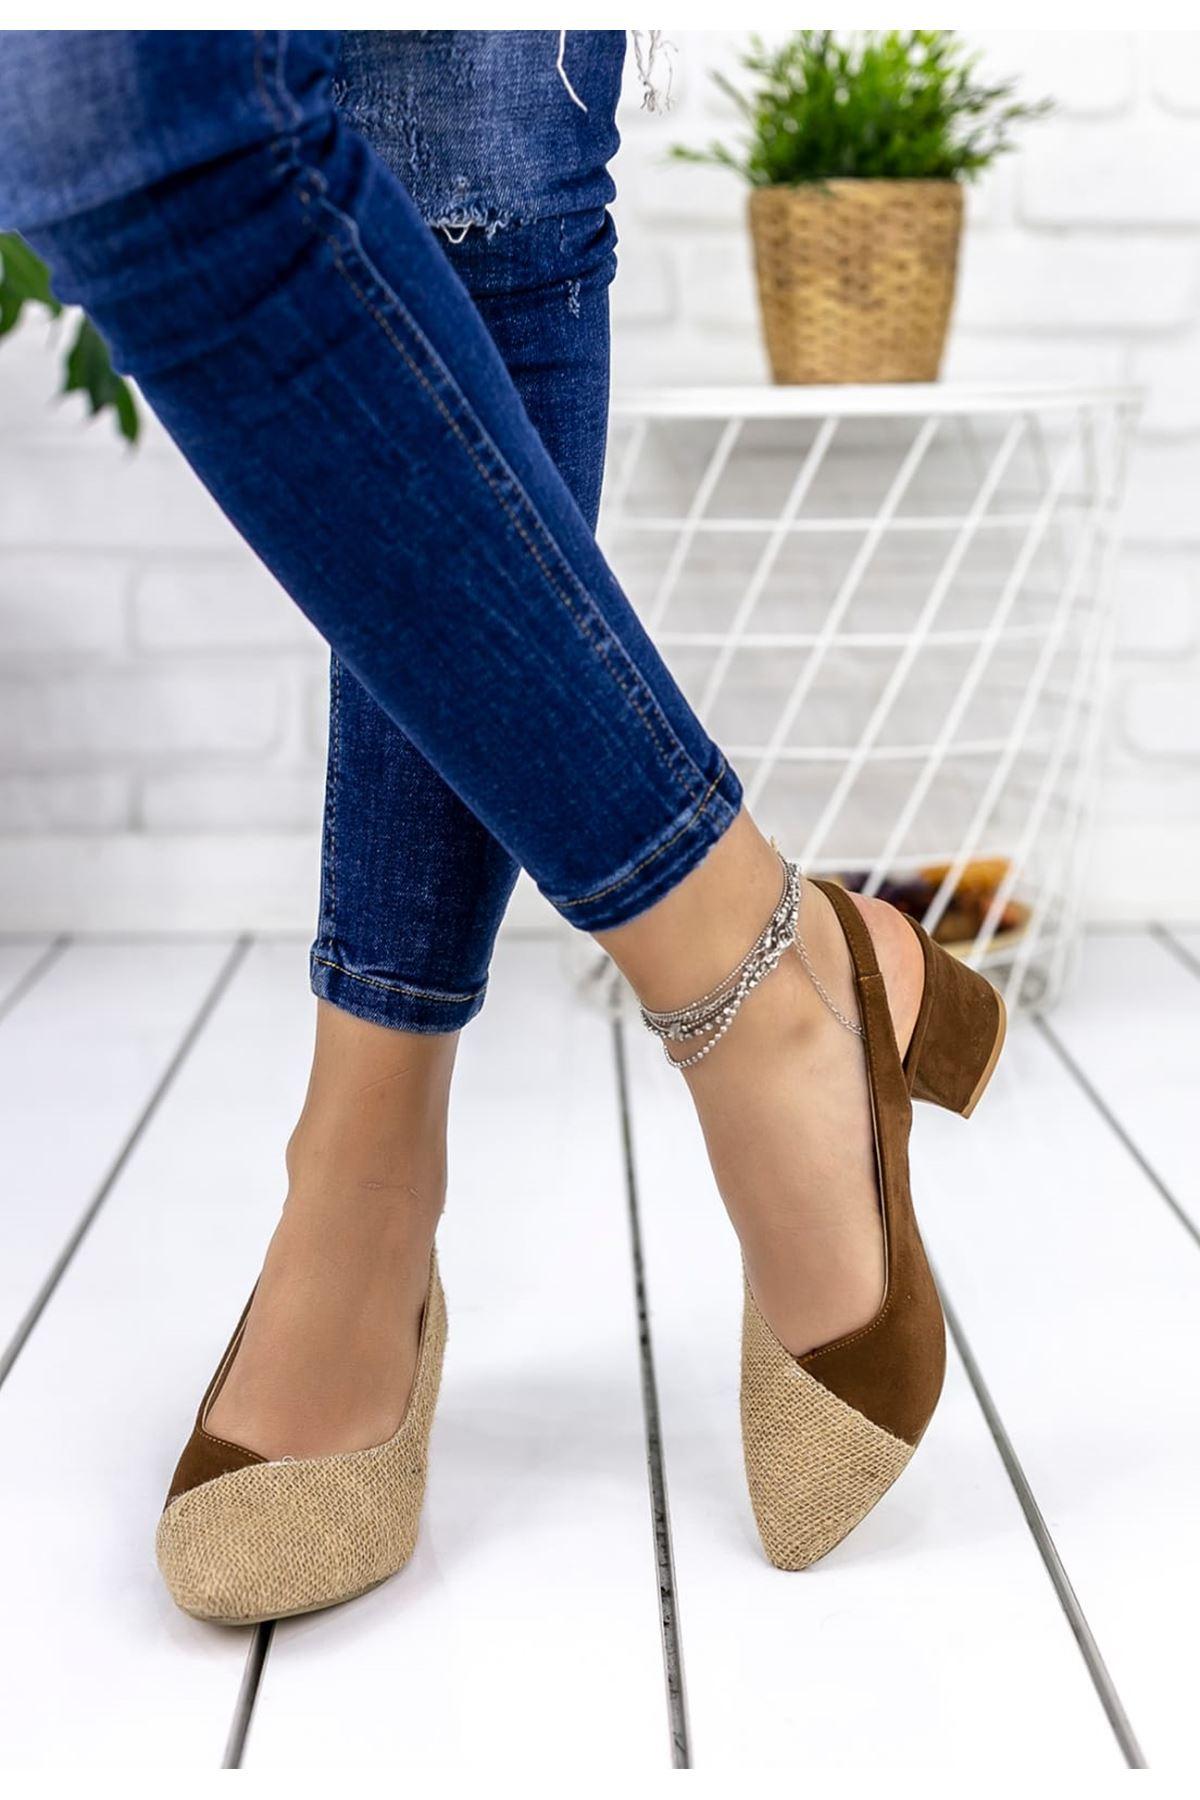 Diana Hasır Detay Sivri Burun Ayakkabı Taba